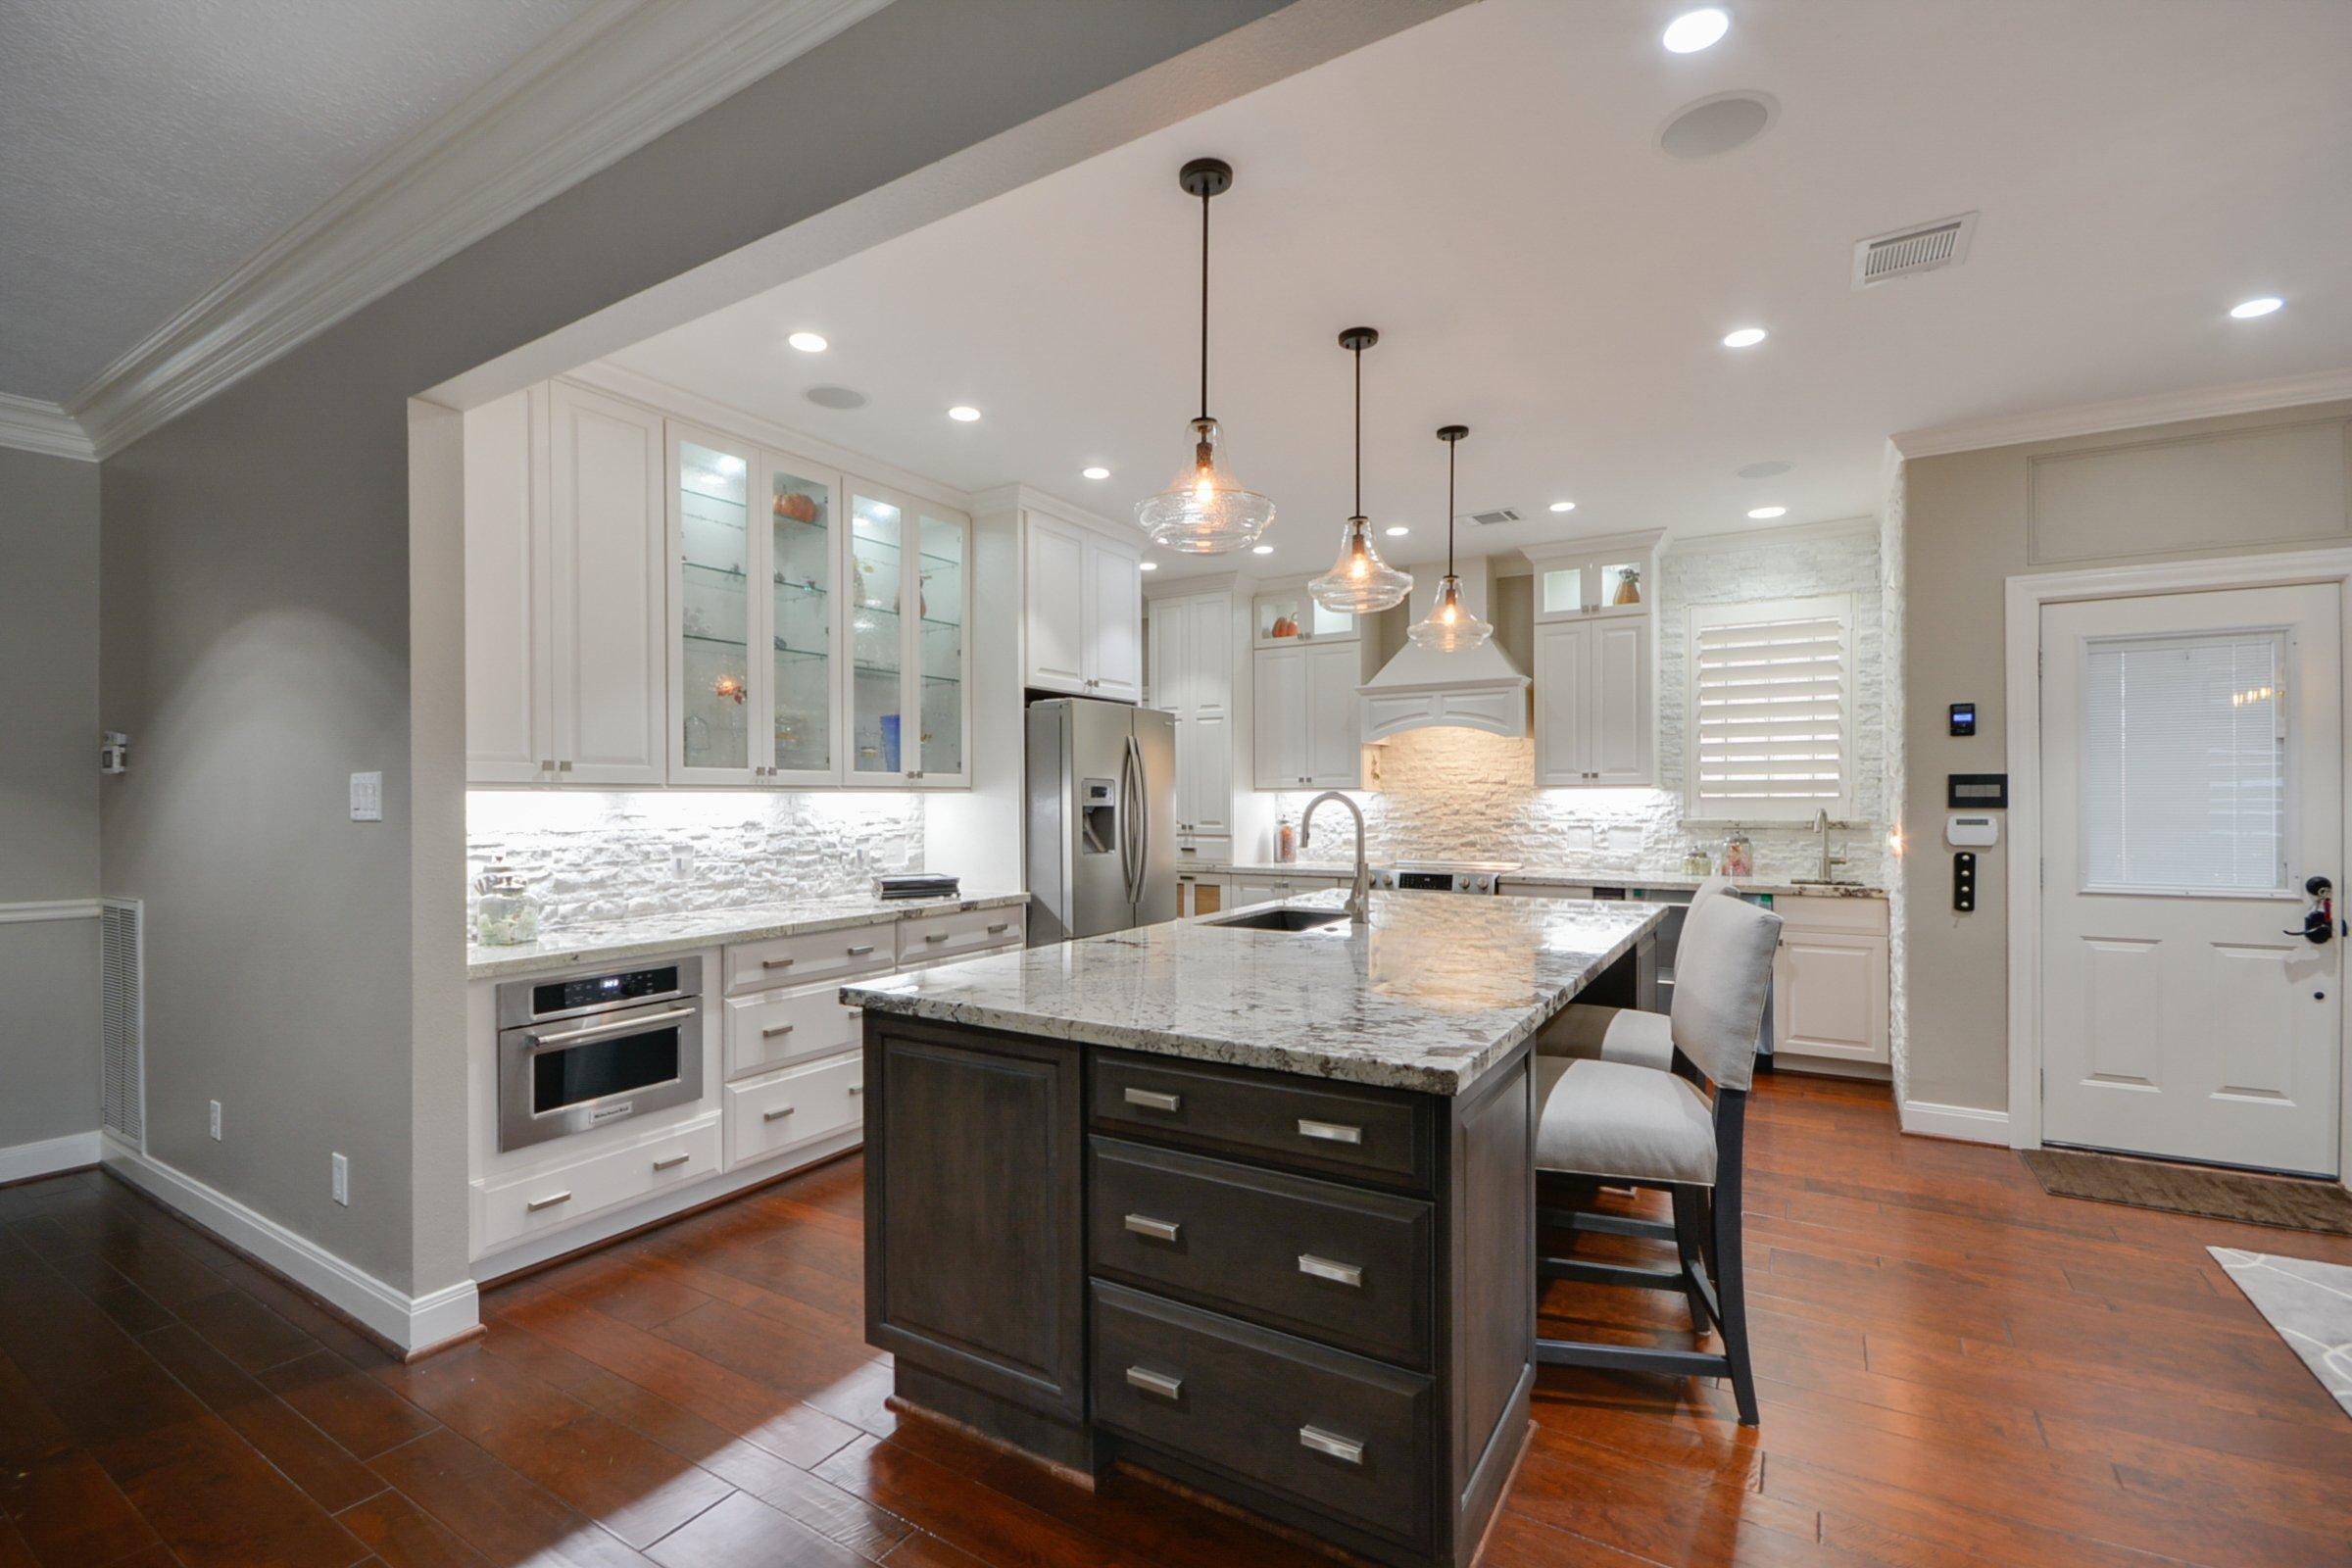 Bathroom Remodeling Kingwood Tx j & m construction & remodeling – kingwood, tx – kitchen remodeling